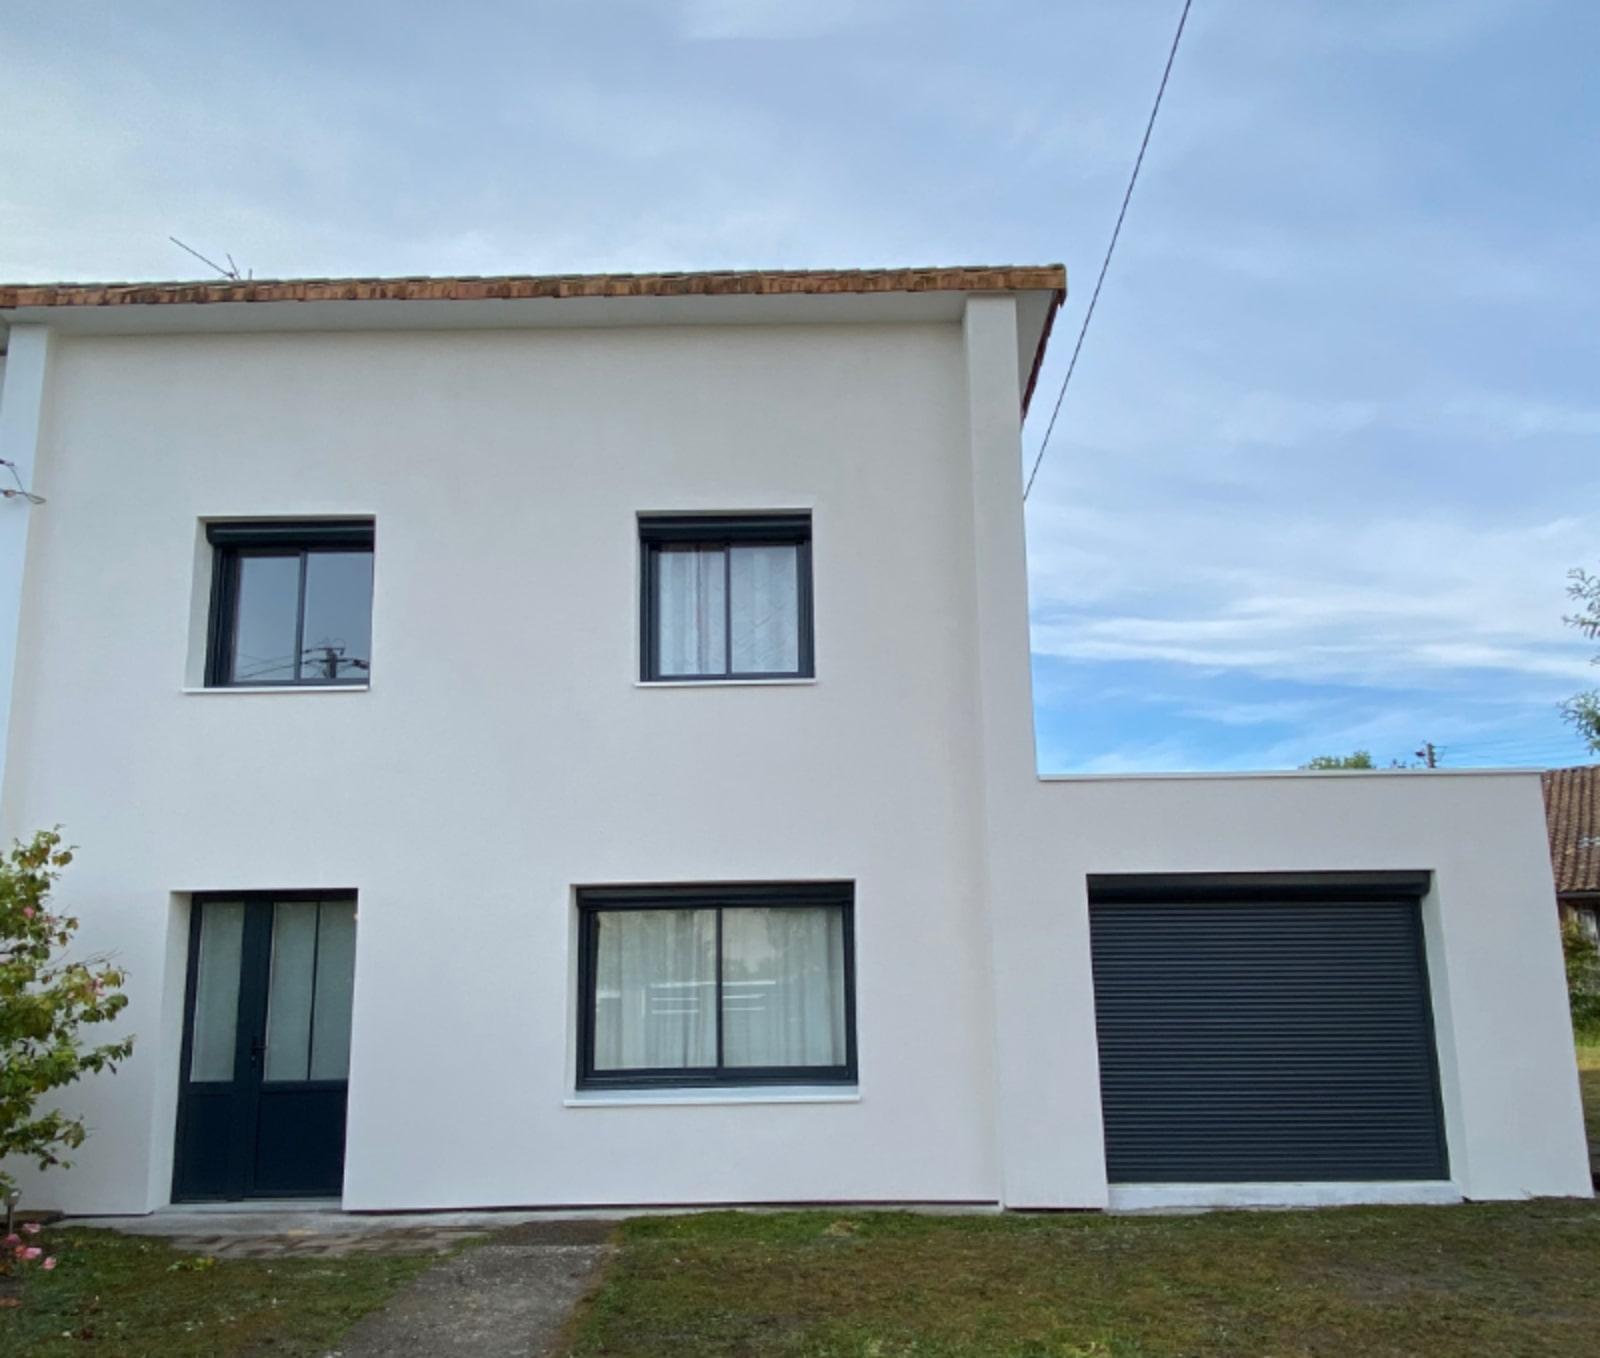 Photo maison après une isolation thermique par l'extérieur à Gradignan